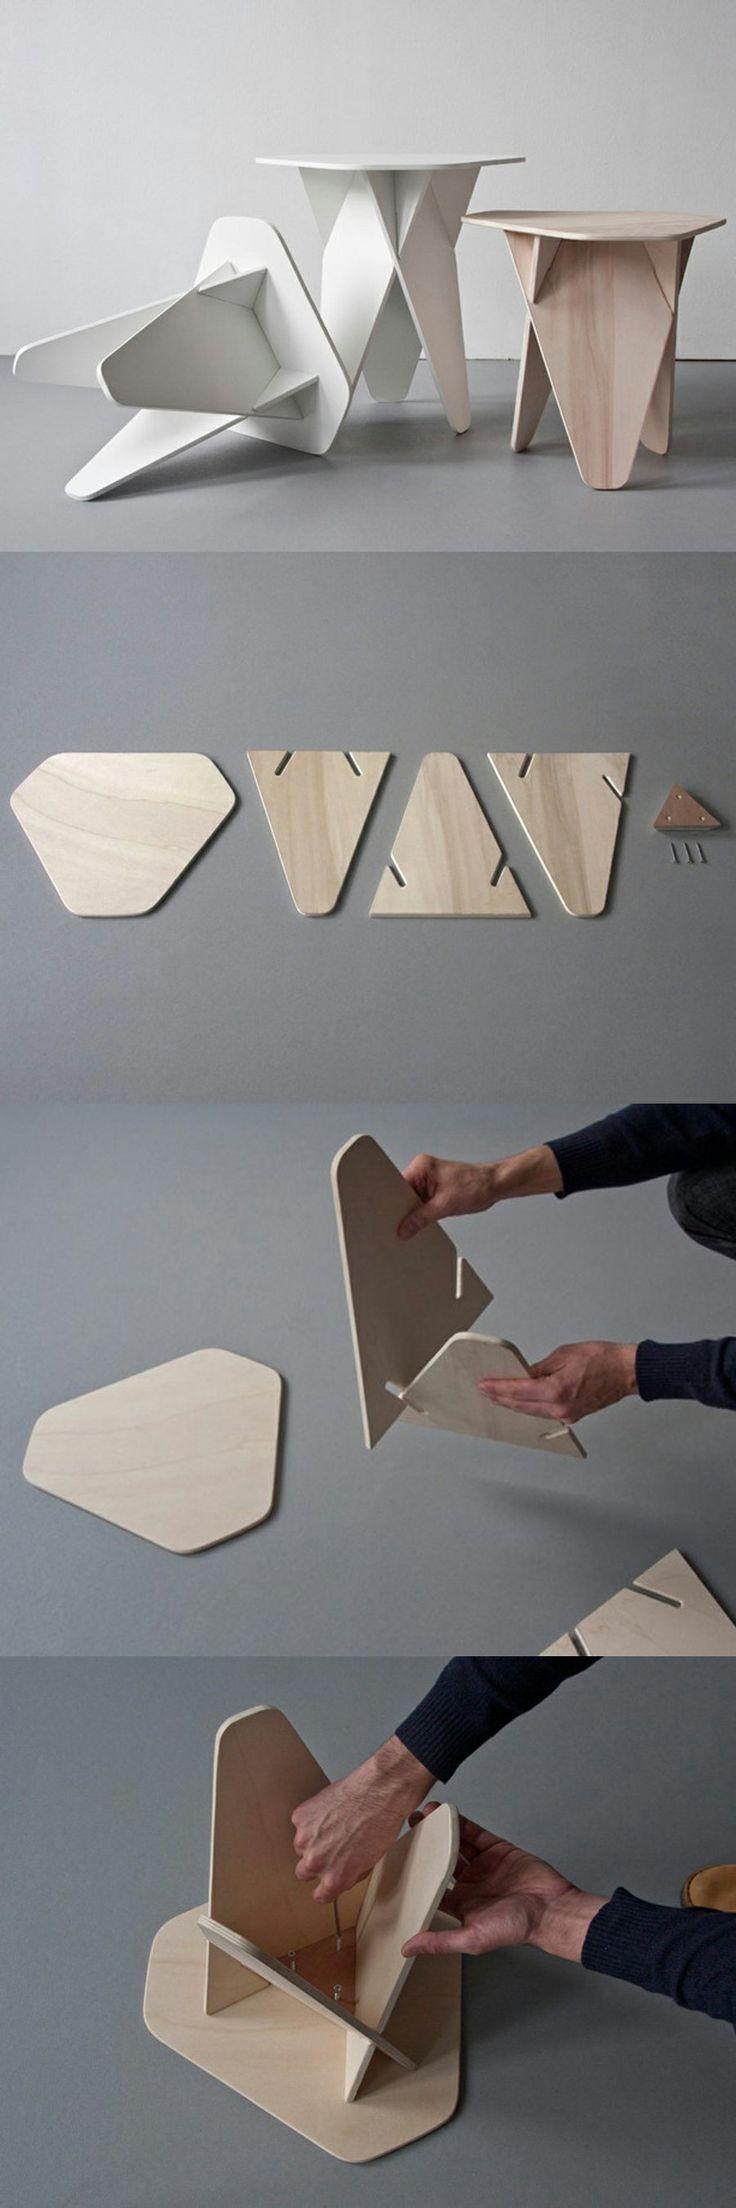 houten DIY krukje